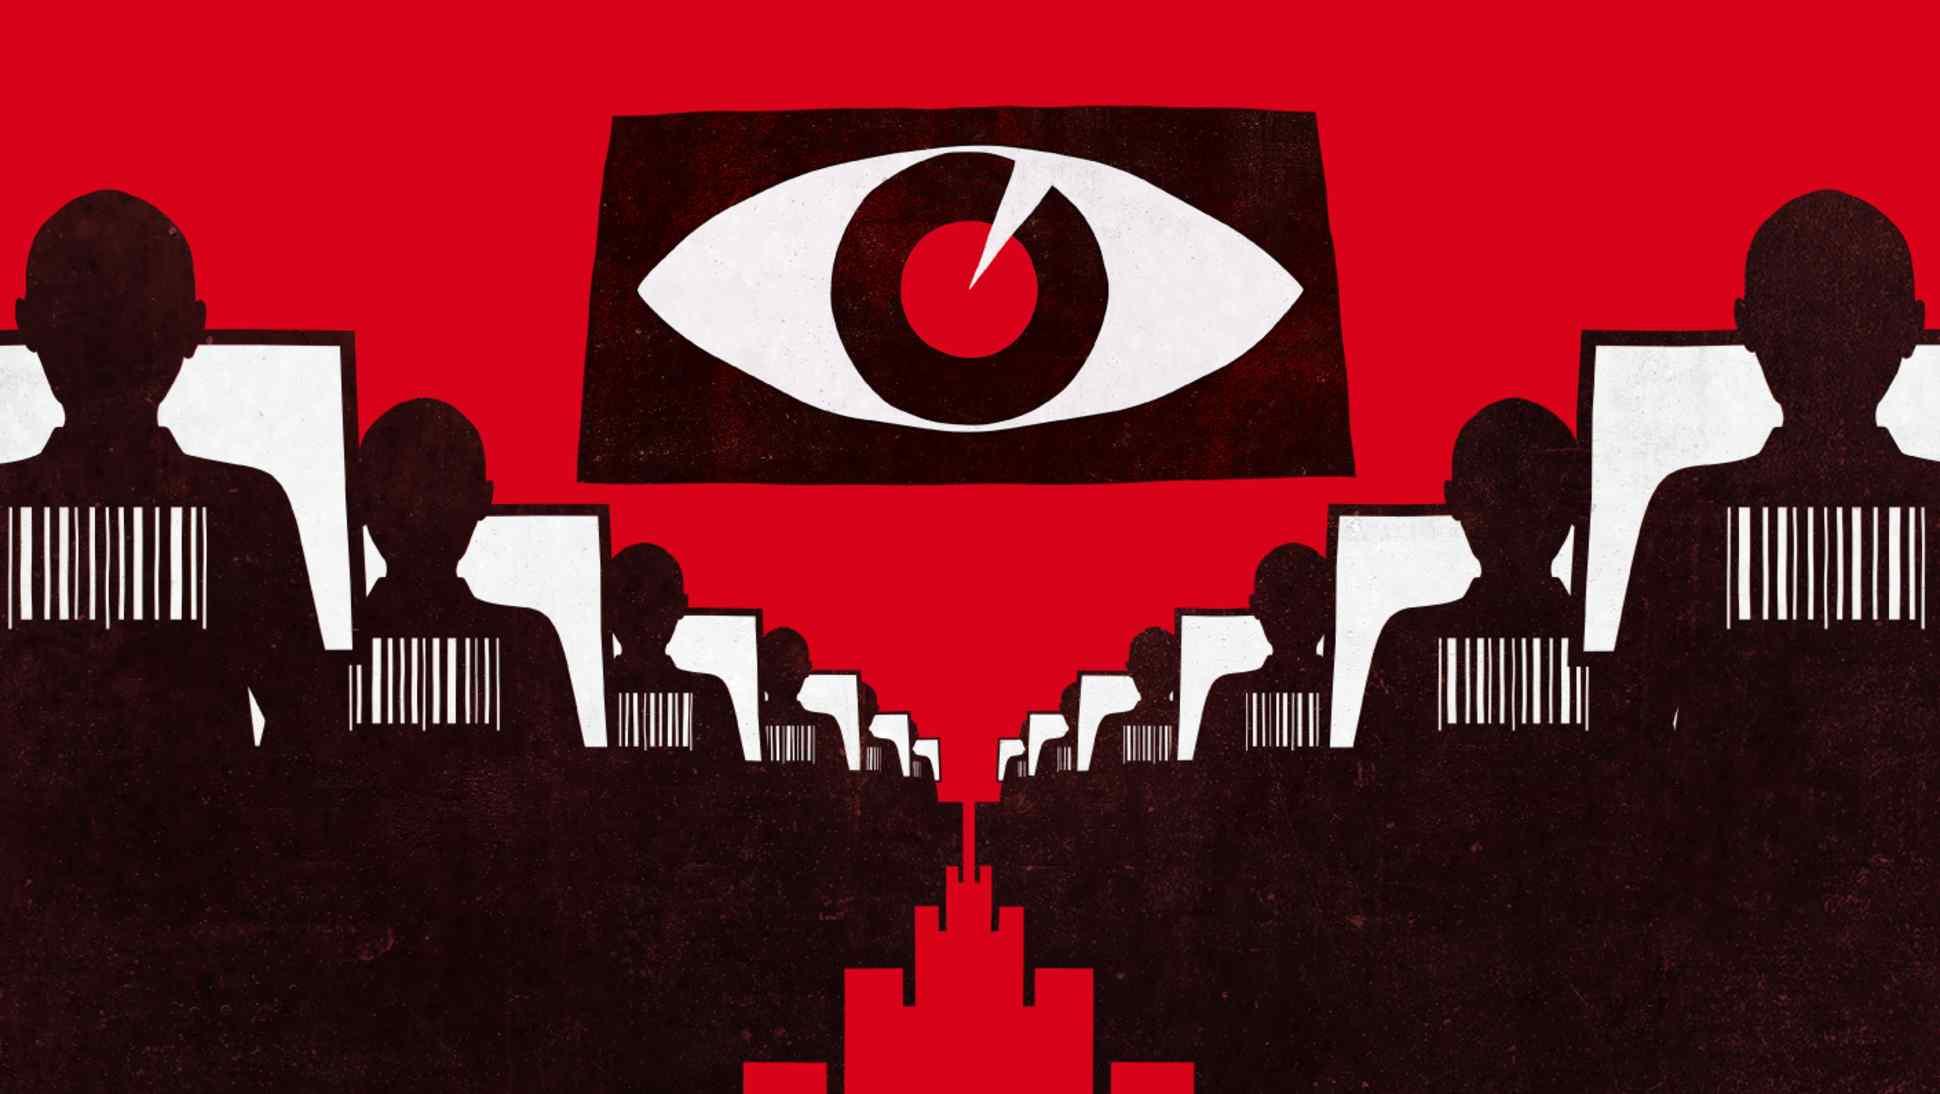 Nhiều công ty Trung Quốc dùng phần mềm giám sát nhân viên. Ảnh: Michael Tsang.